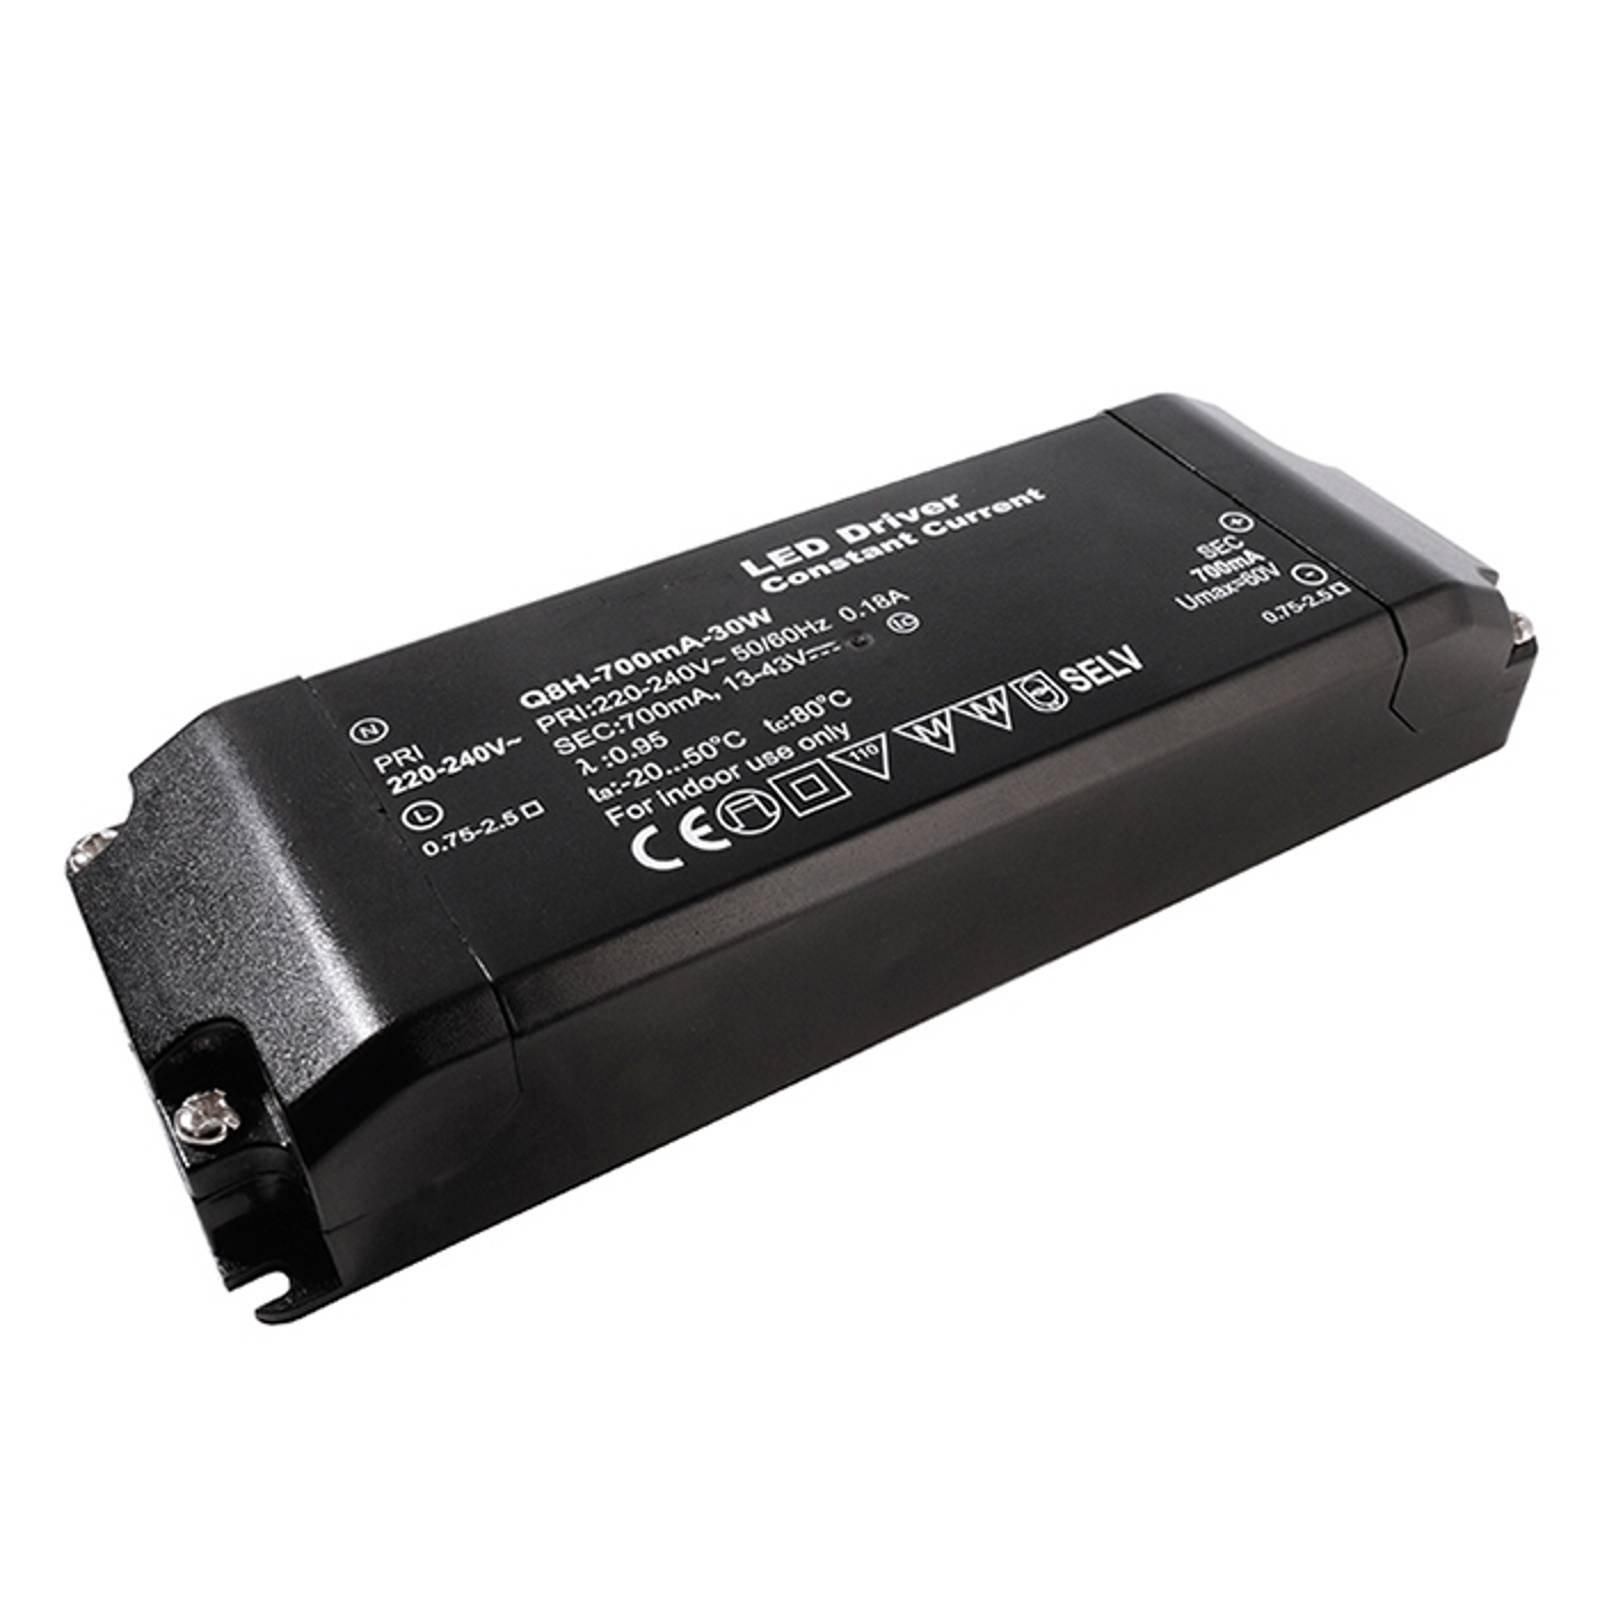 Strømforsyning LED 700 mA for COB170